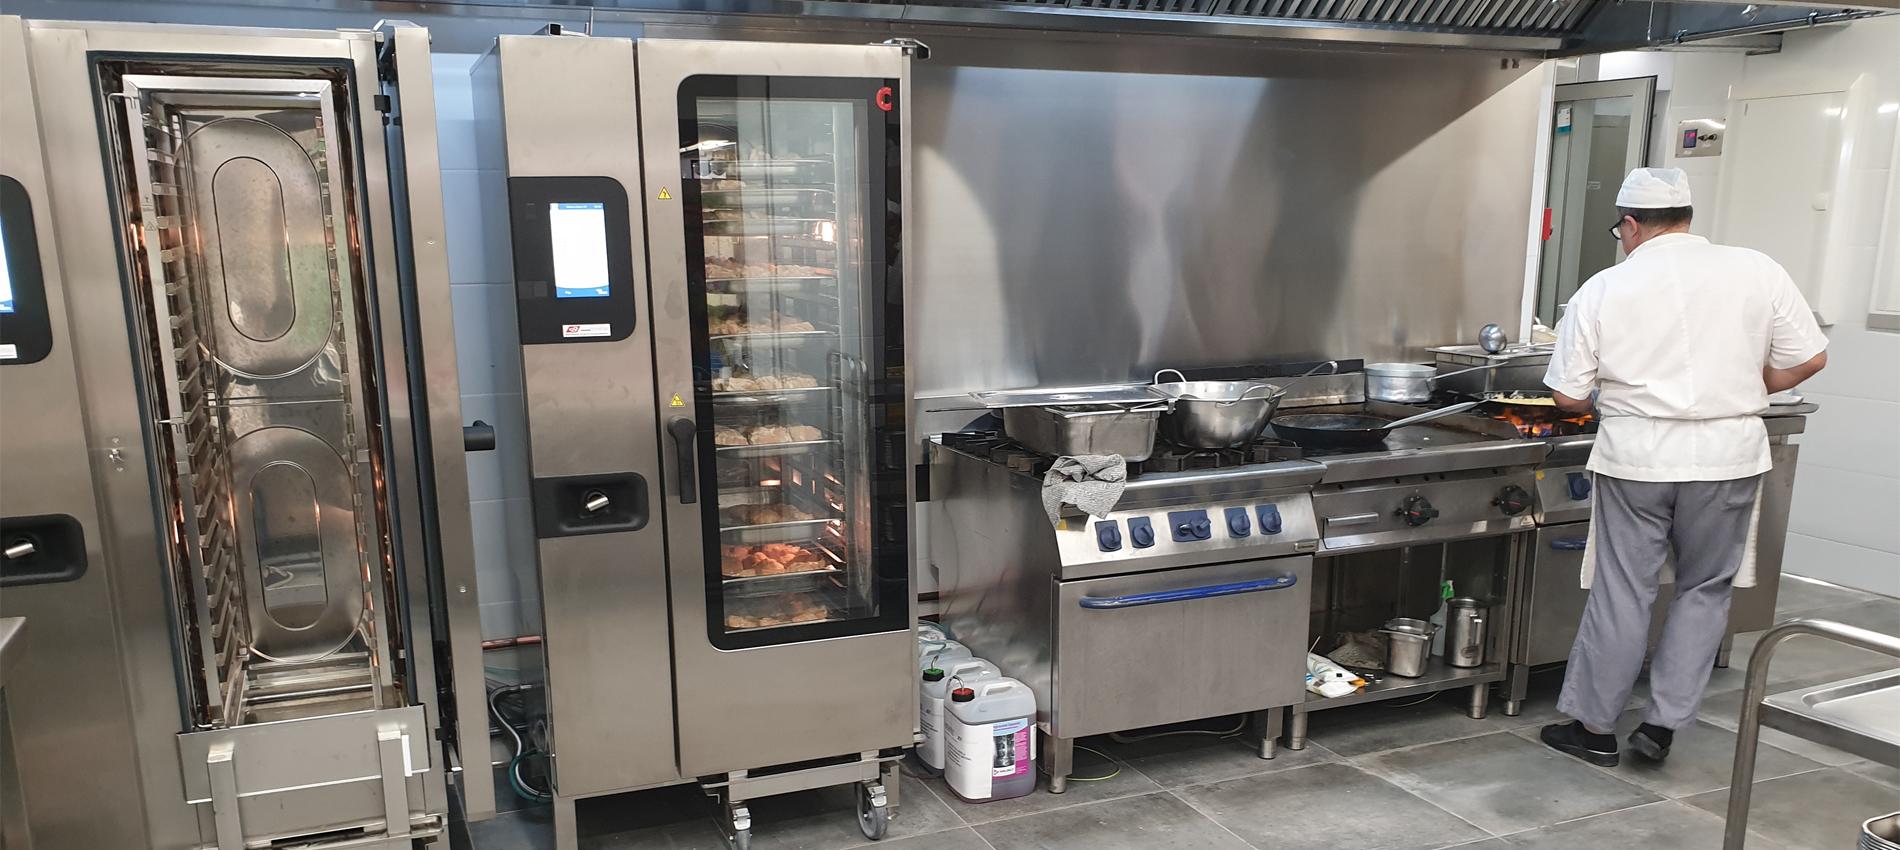 La nova cuina de l'escola Frederic Mistral-Tècnic Eulàlia